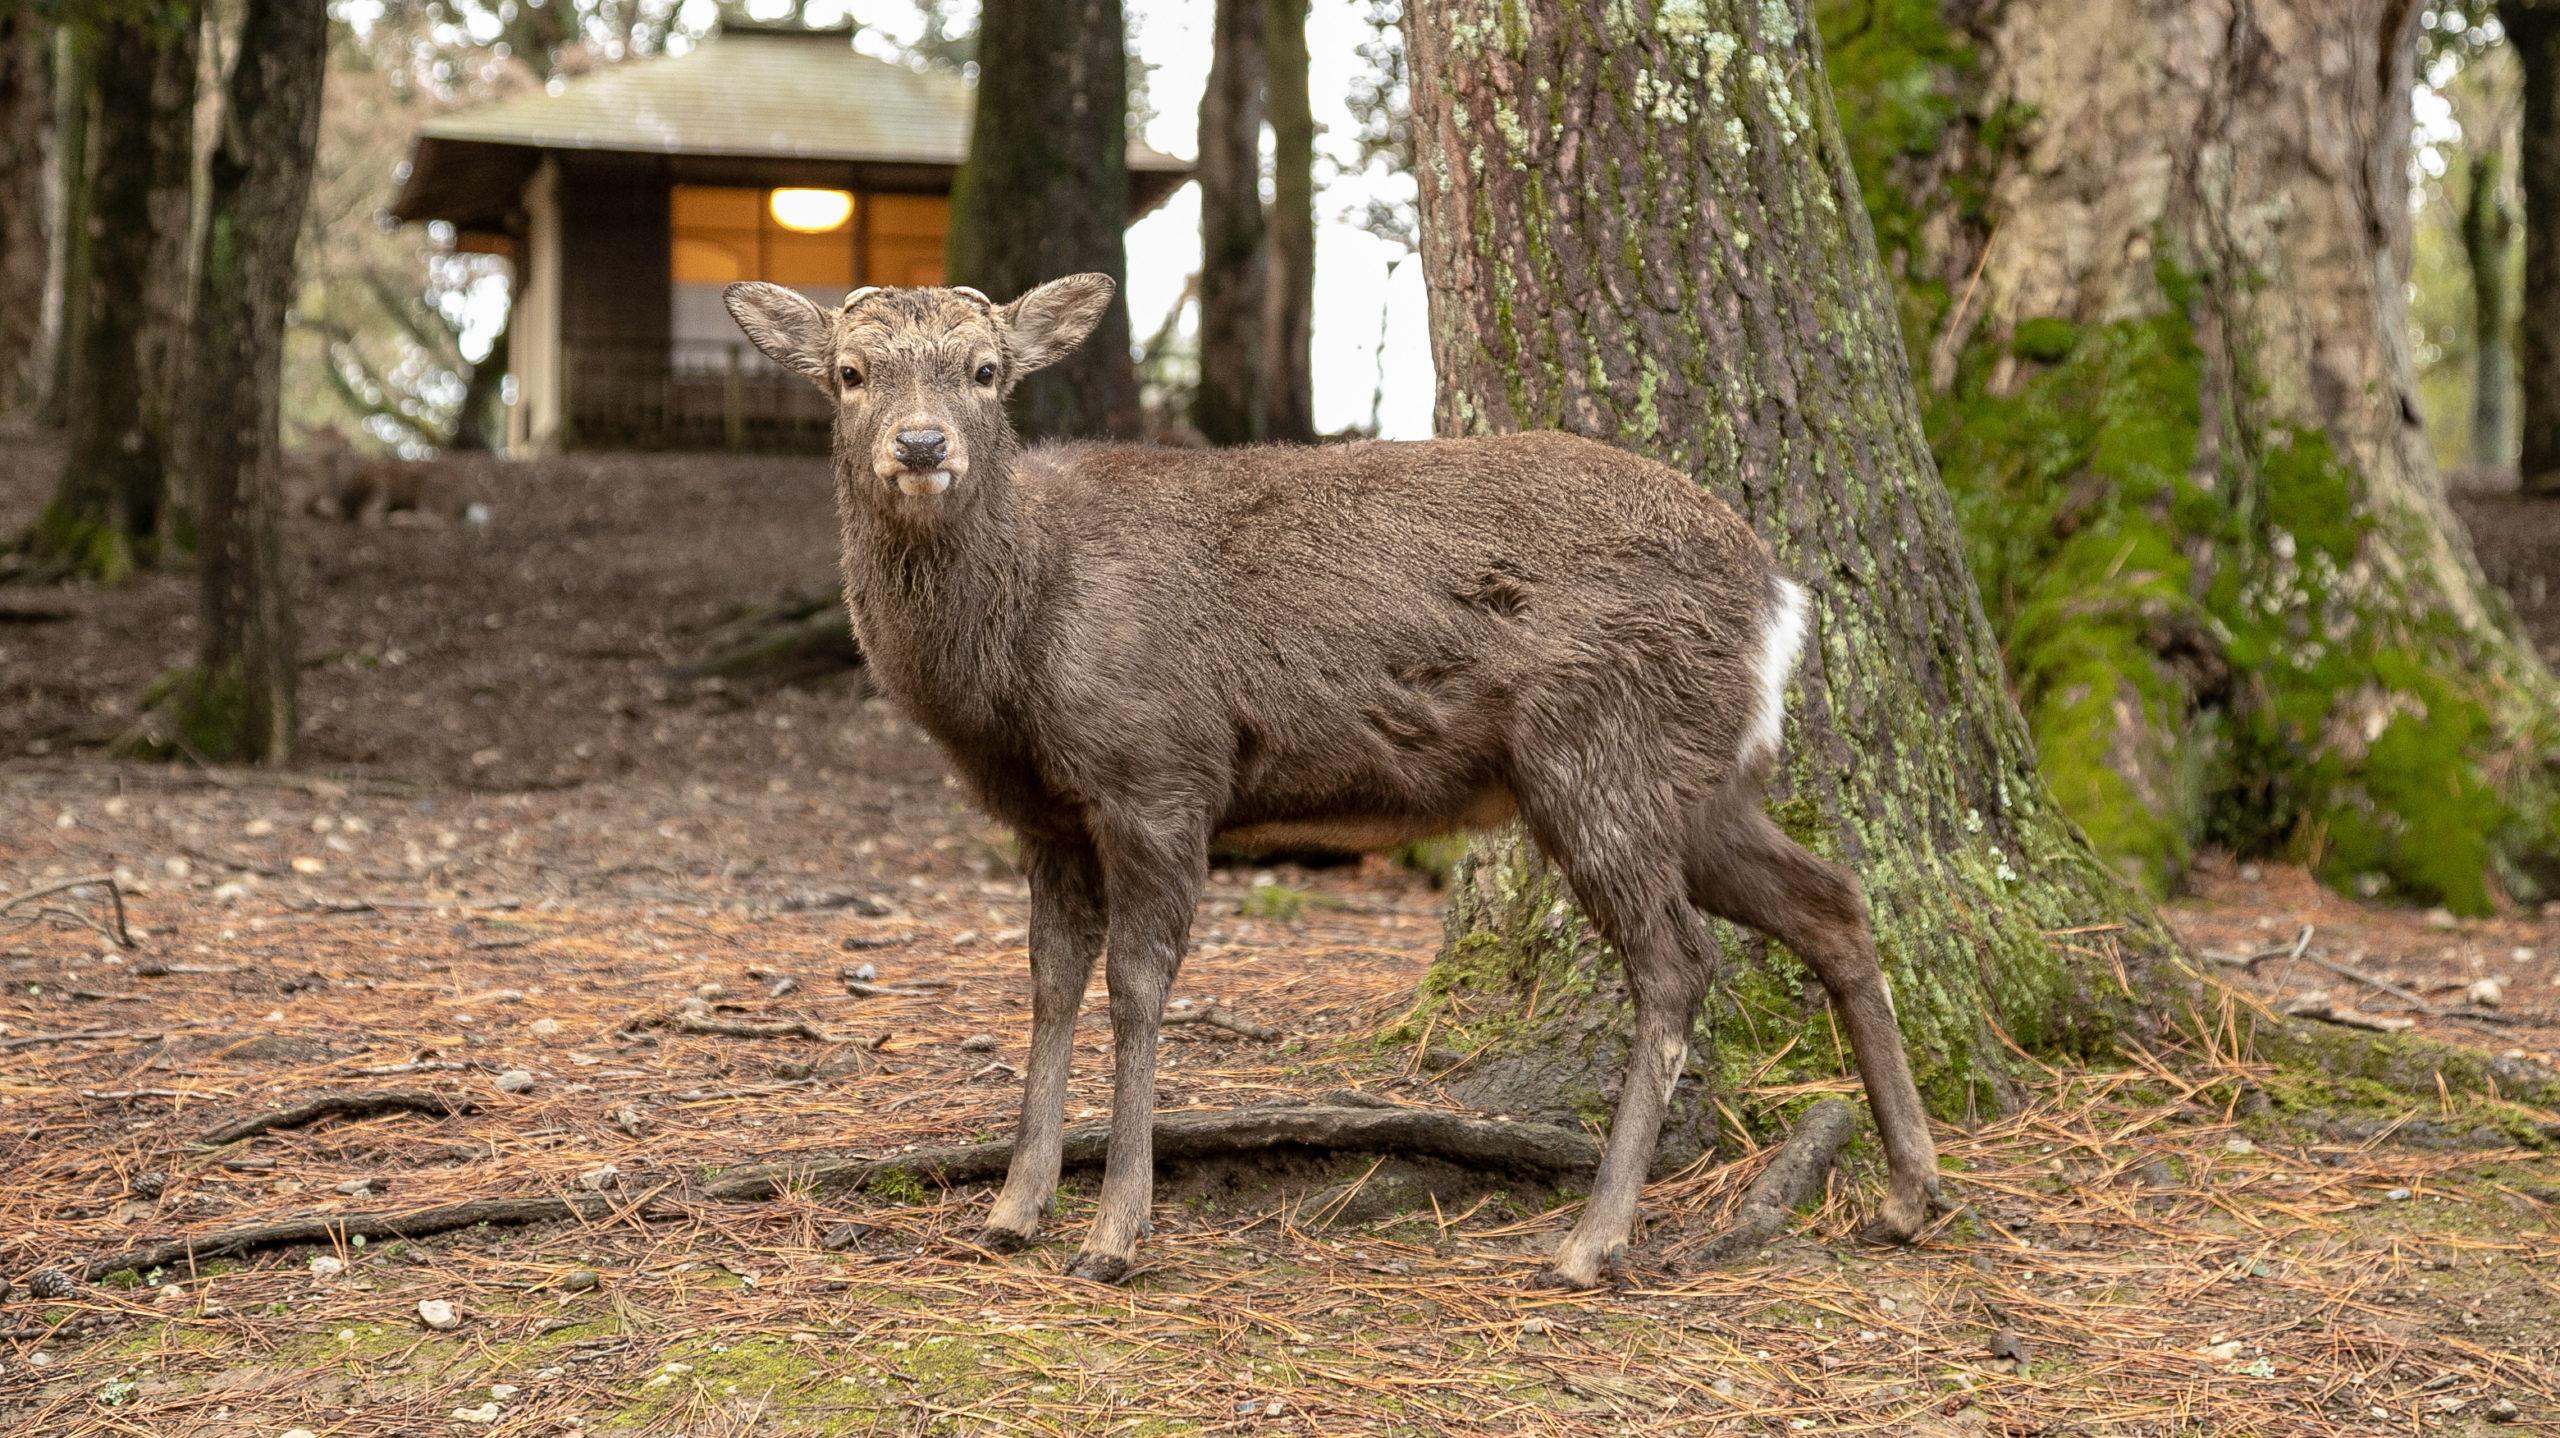 [旅行記] 鹿、鹿、鹿。奈良駅から春日大社まで歩いて行ったよ